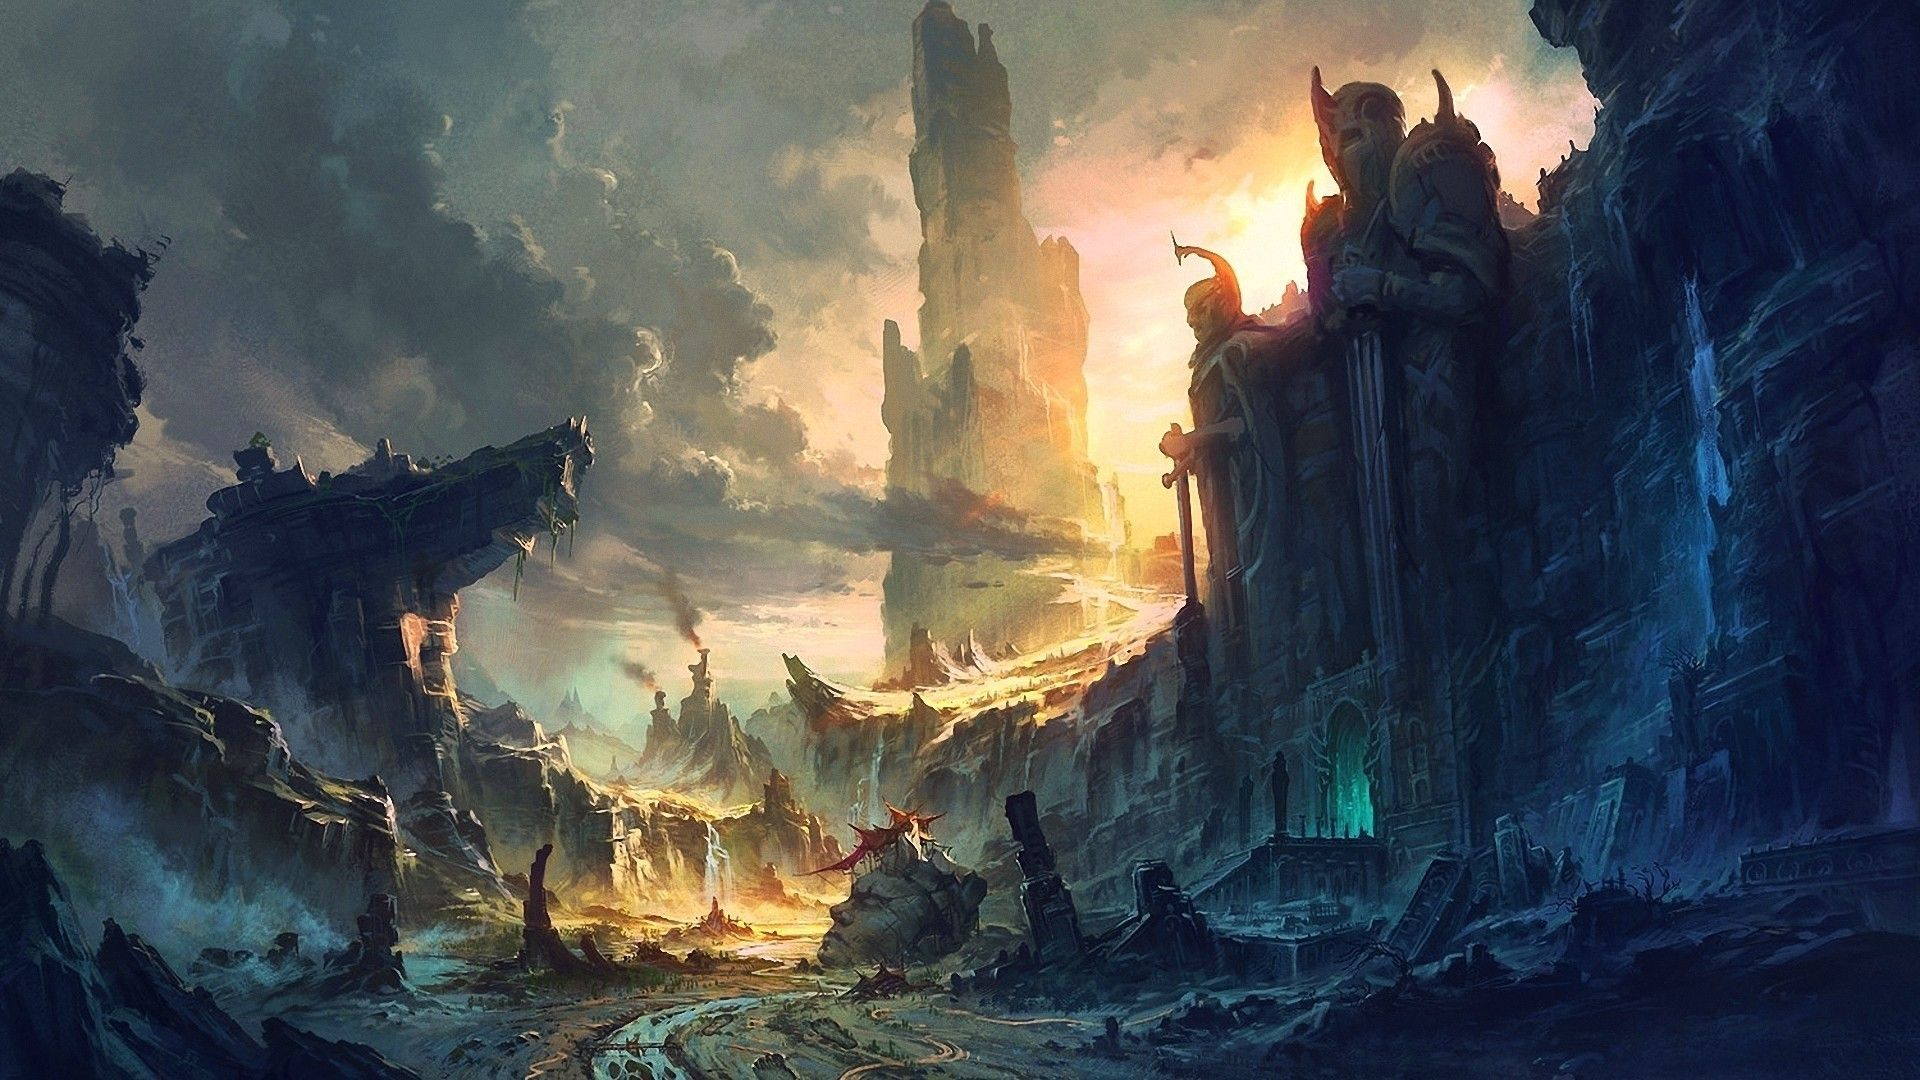 Desenho conceitual para o mundo imaginário de Tolkien em O Senhor dos Anéis.